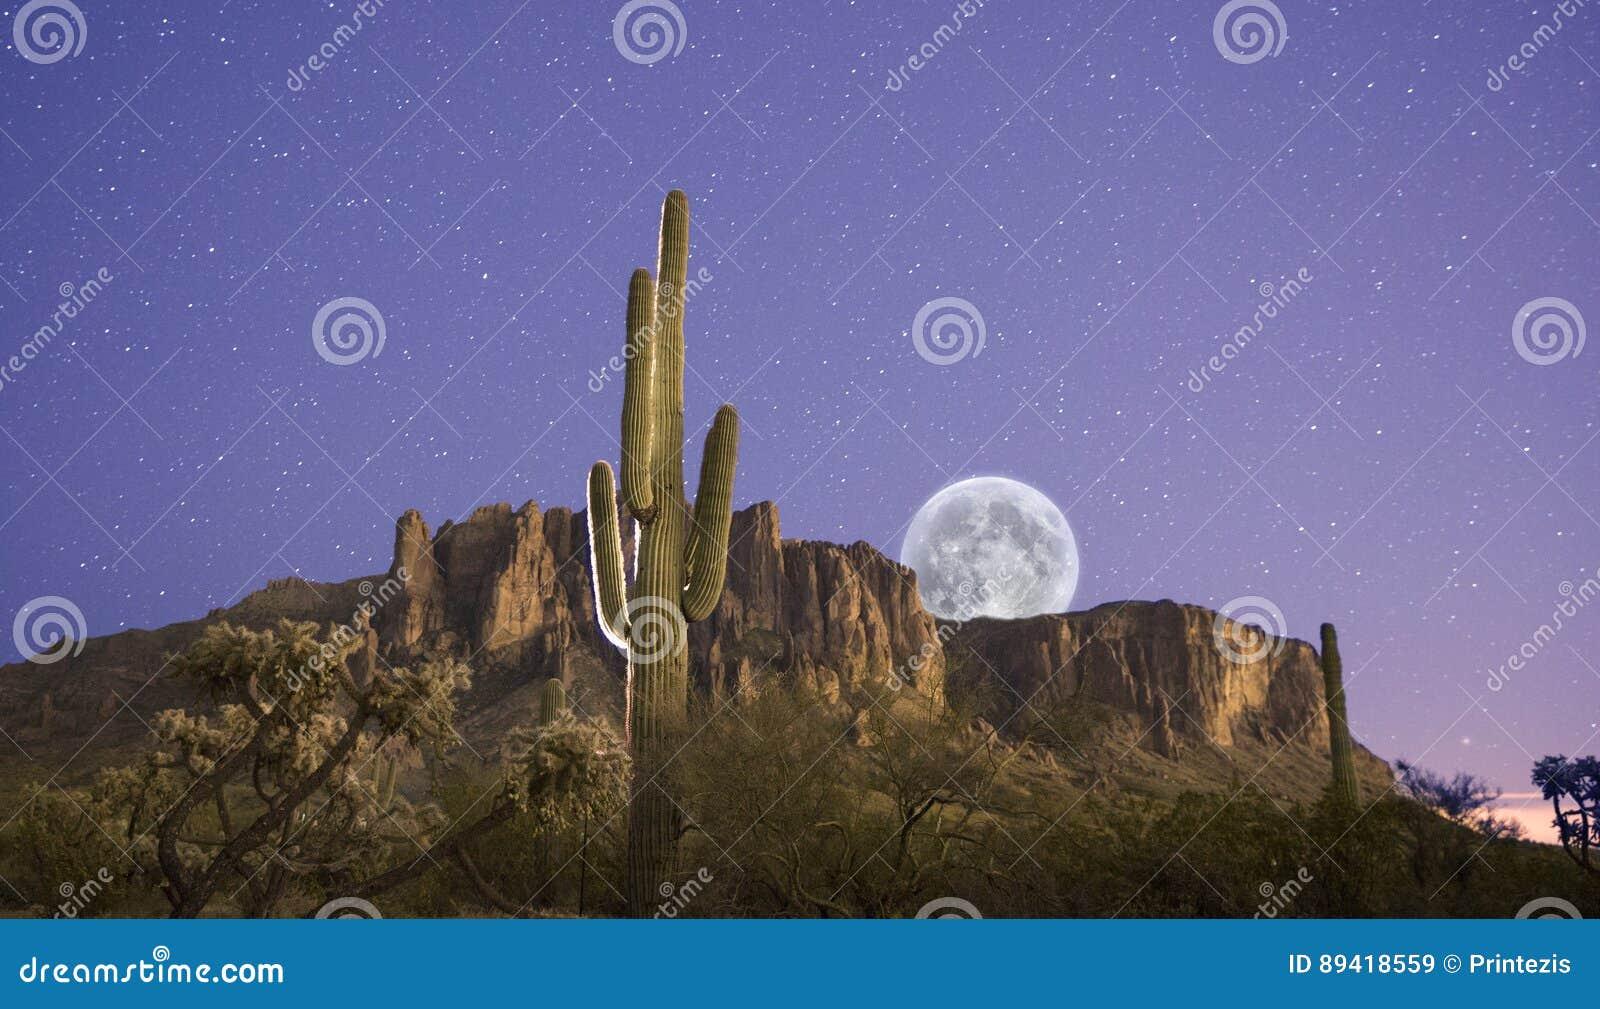 La lune se lève au-dessus des montagnes de superstition